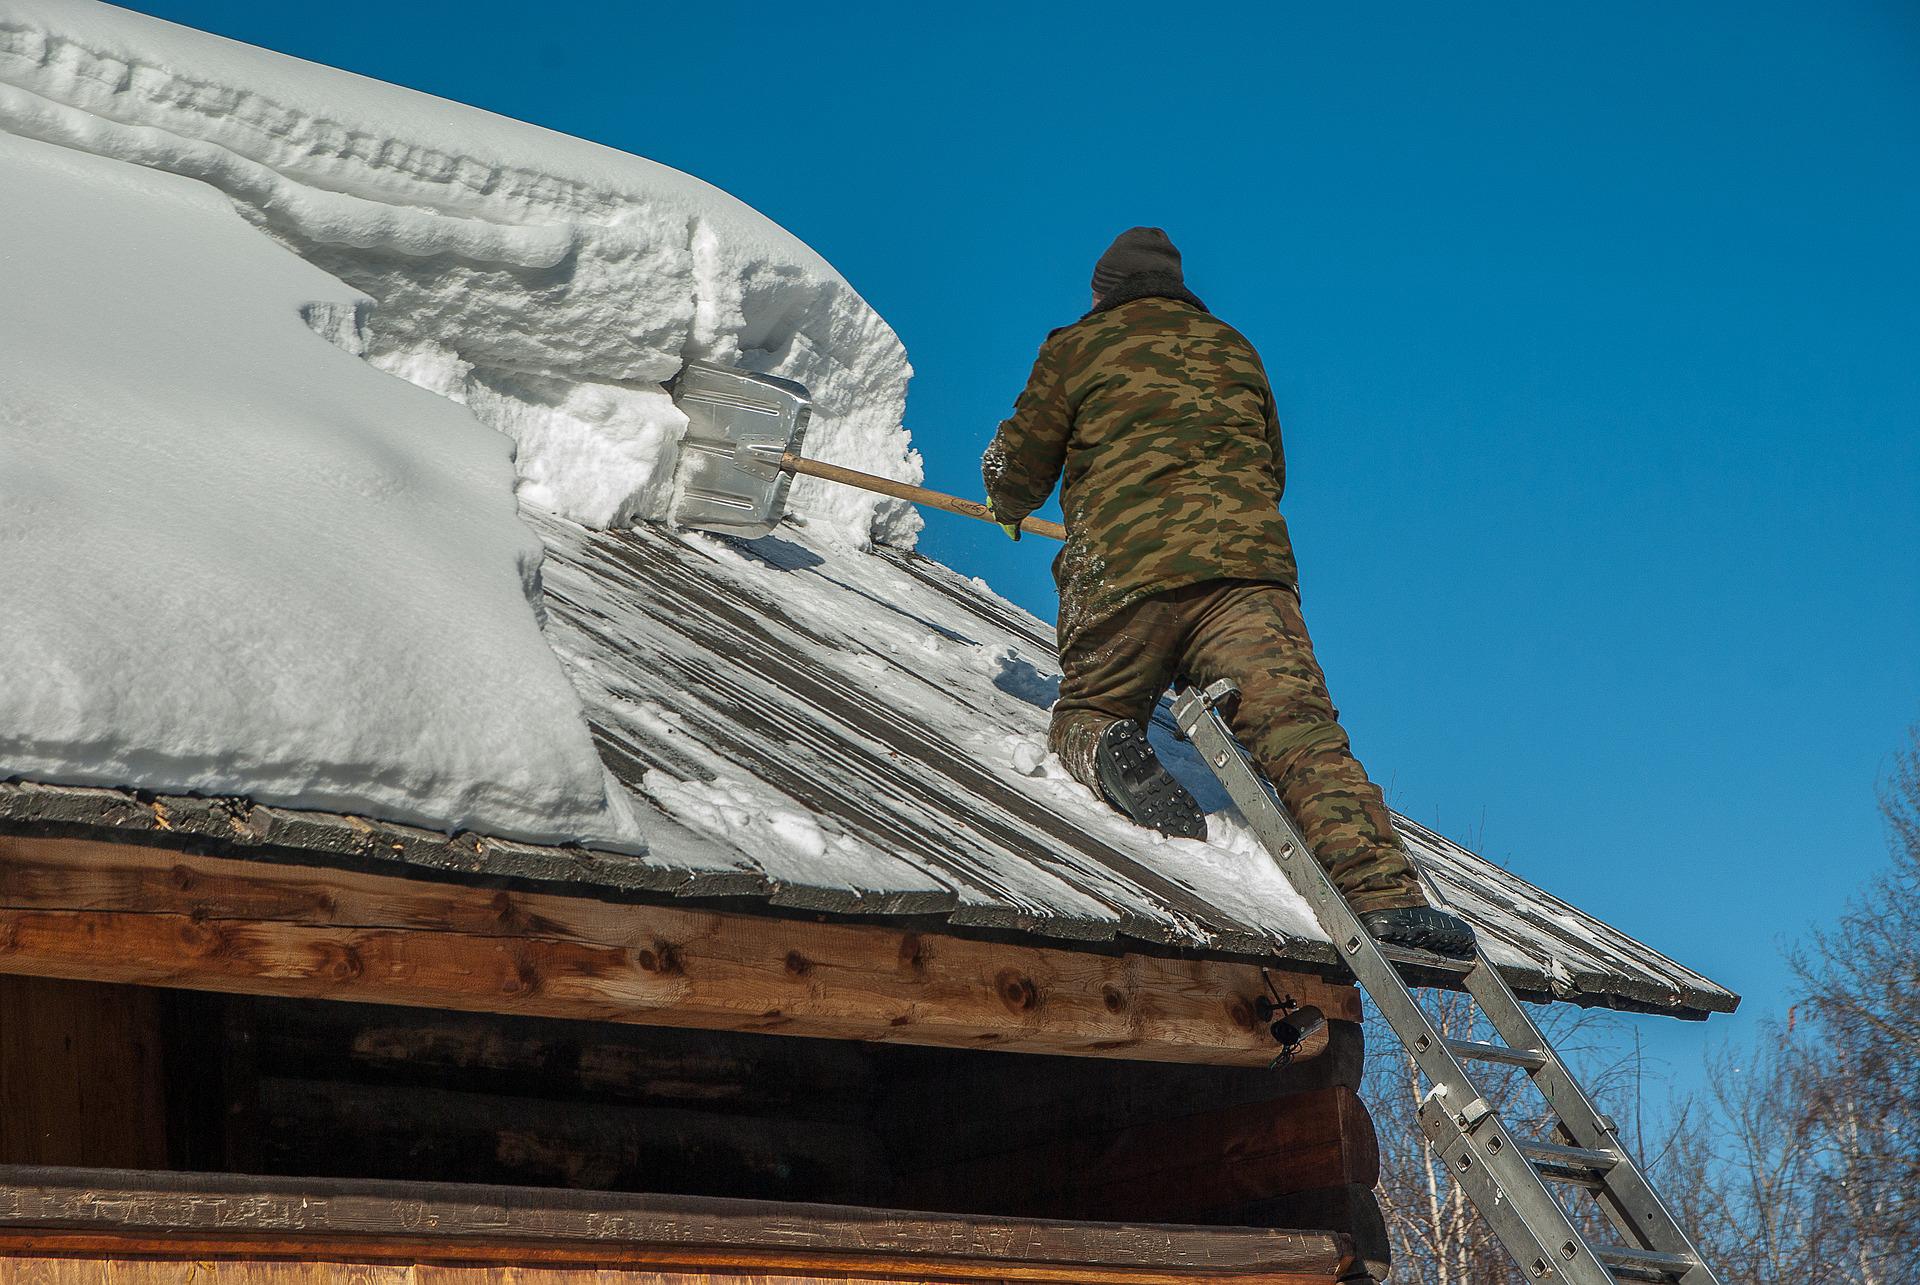 Lumenpudottaja loukkaantuu useammin kuin katto romahtaa. Estä putoaminen esim. valjailla. Kuvassa vaarallinen lumenpudotustilanne.